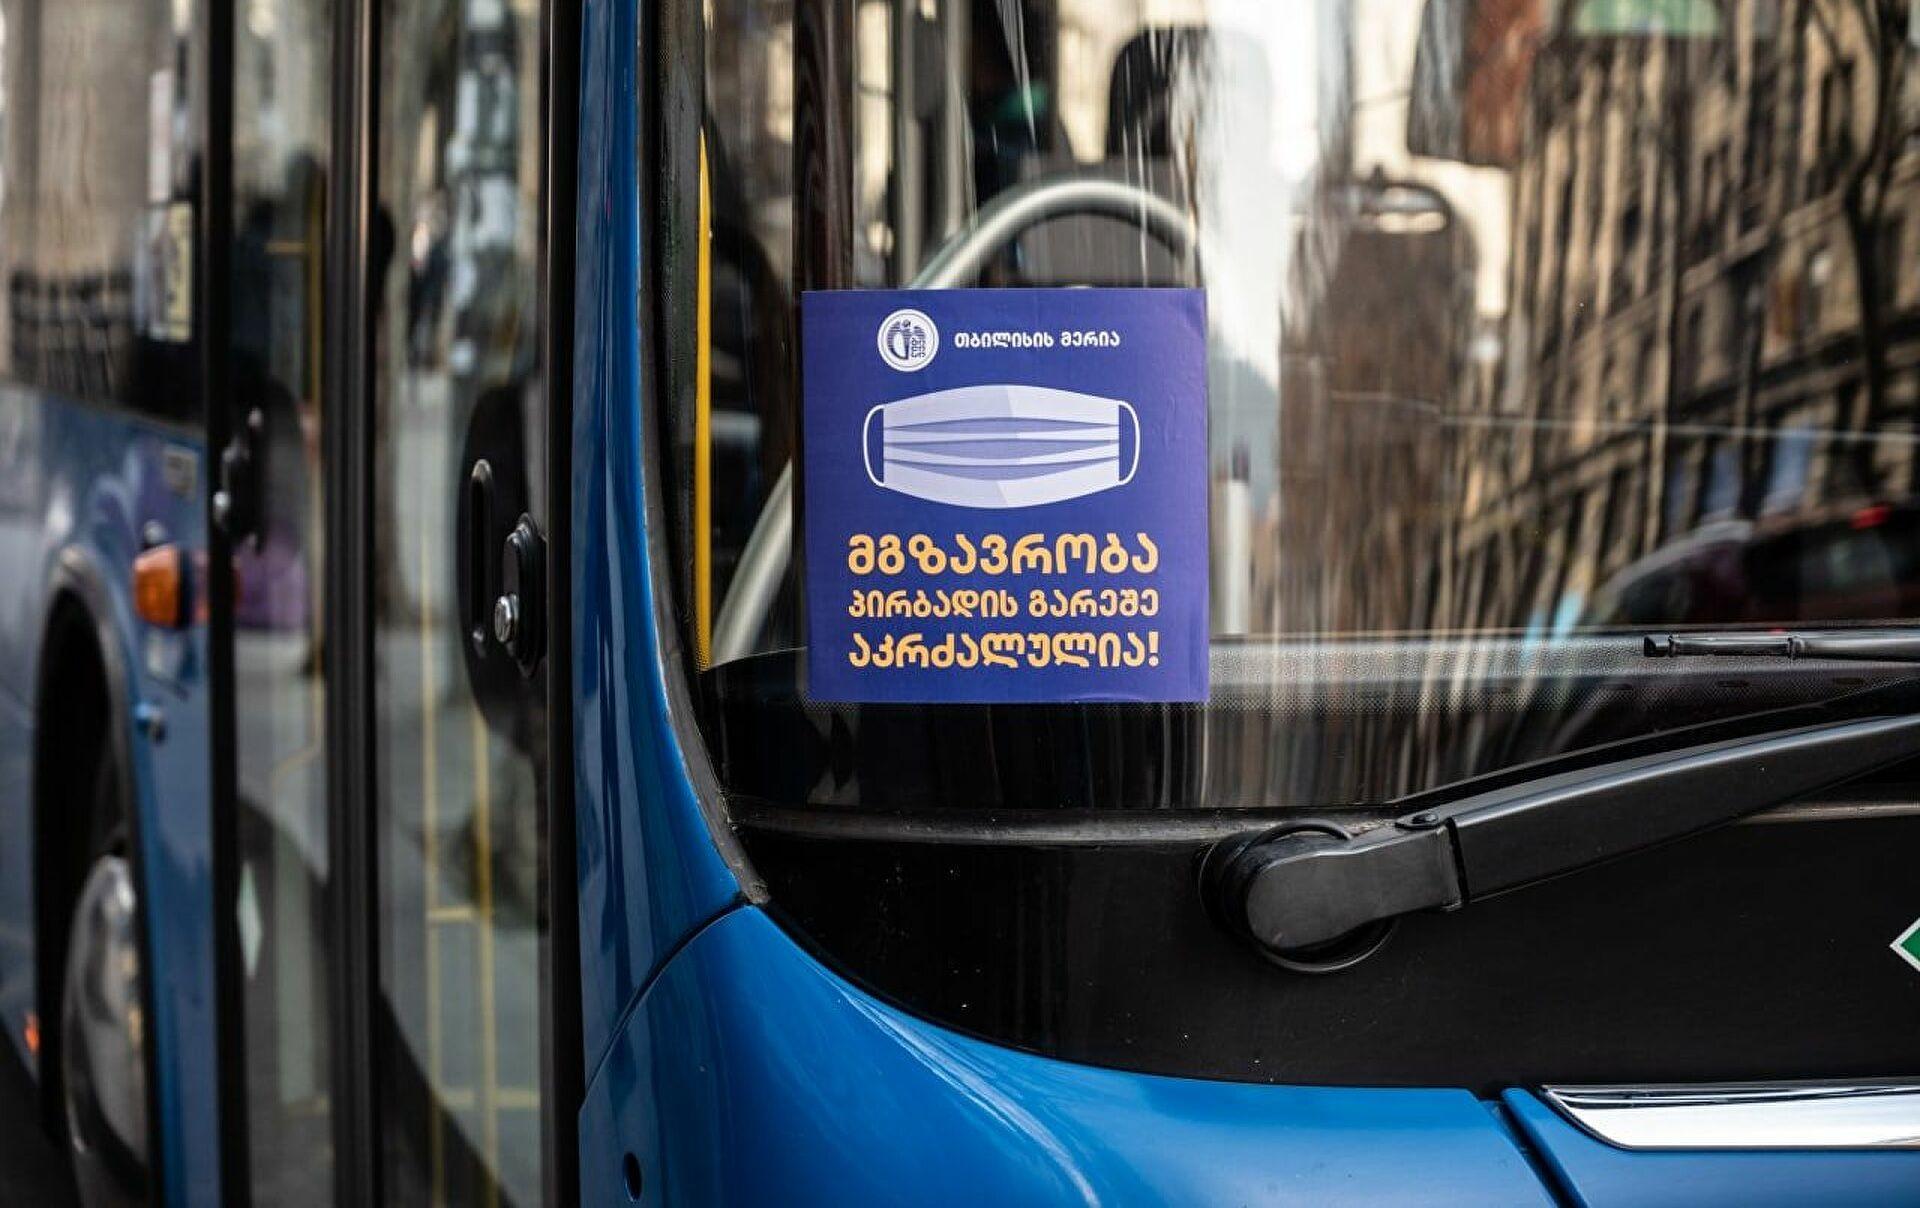 უფასო ავტობუსების მარშრუტები ვაქცინაციის ძირითად ცენტრებამდე მისასვლელად